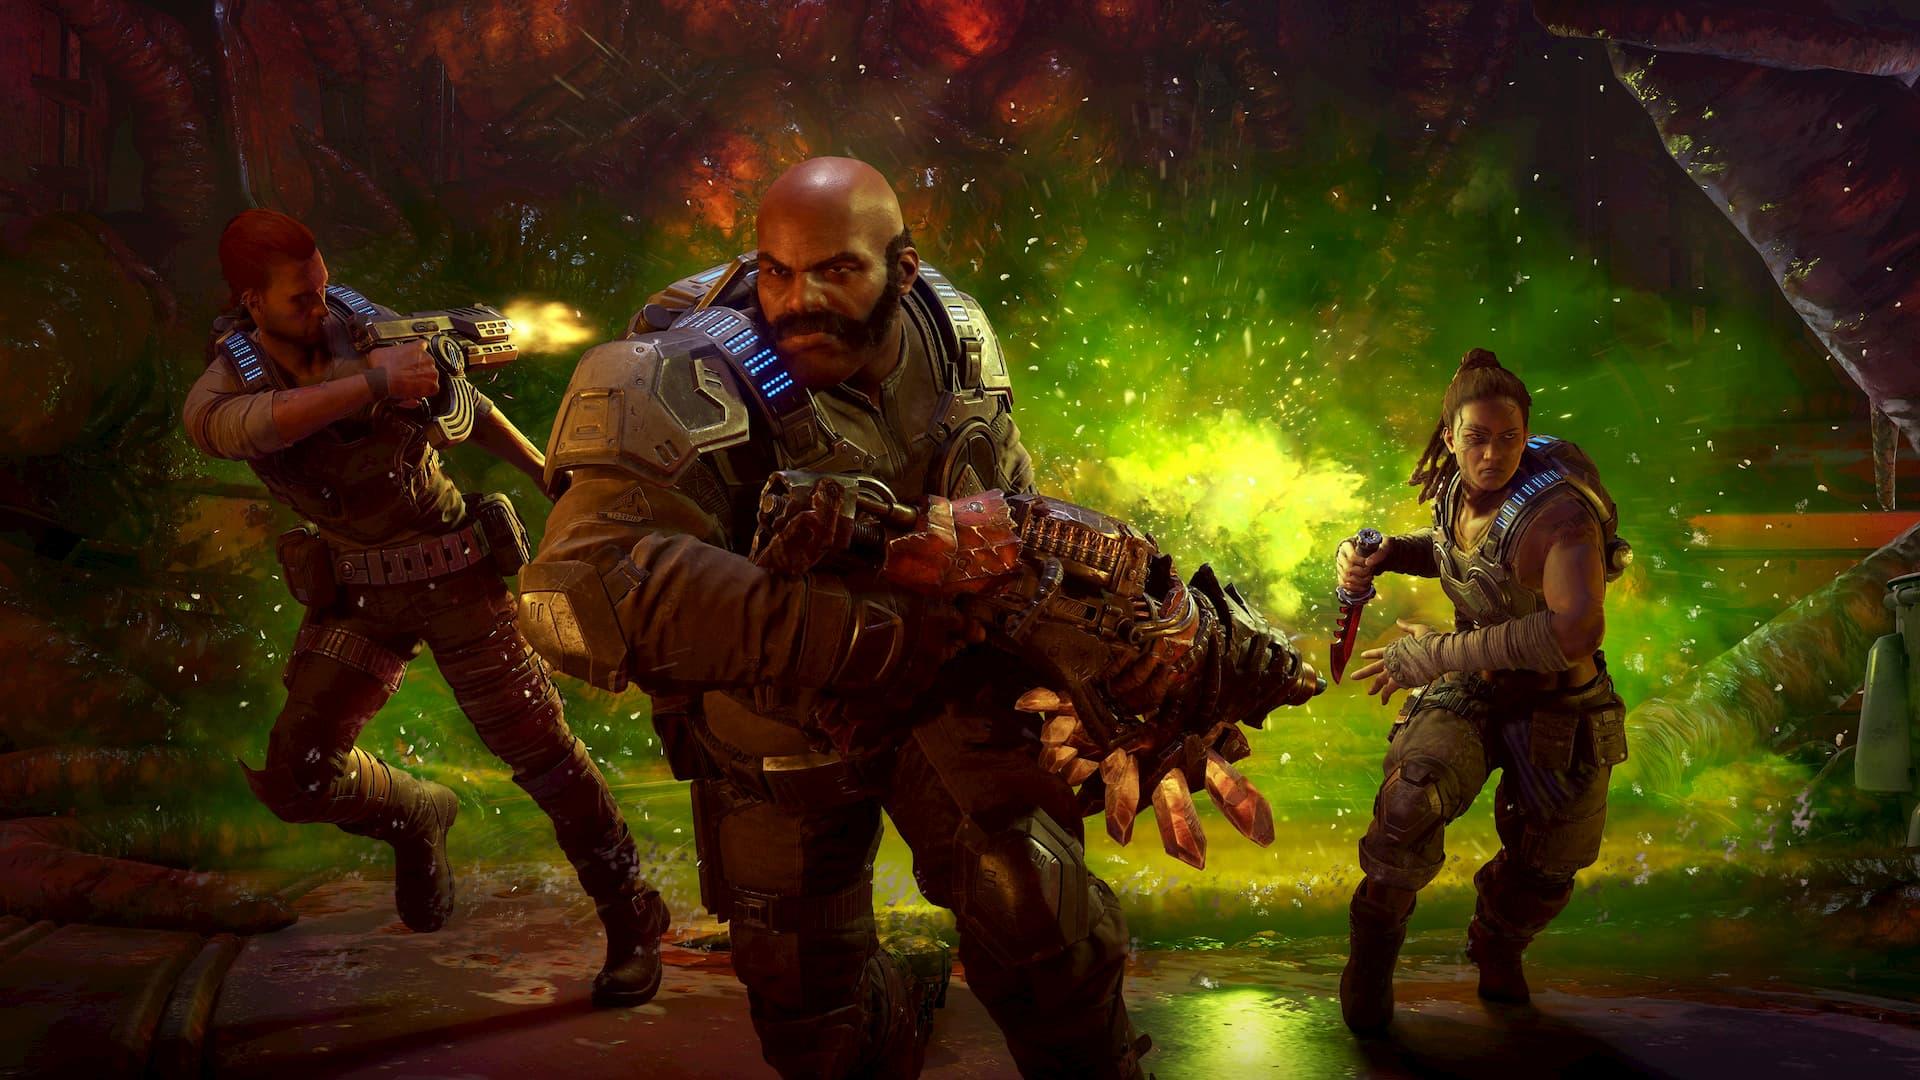 La trama de Gears 5 se expandirá con un nuevo DLC a finales de año 2